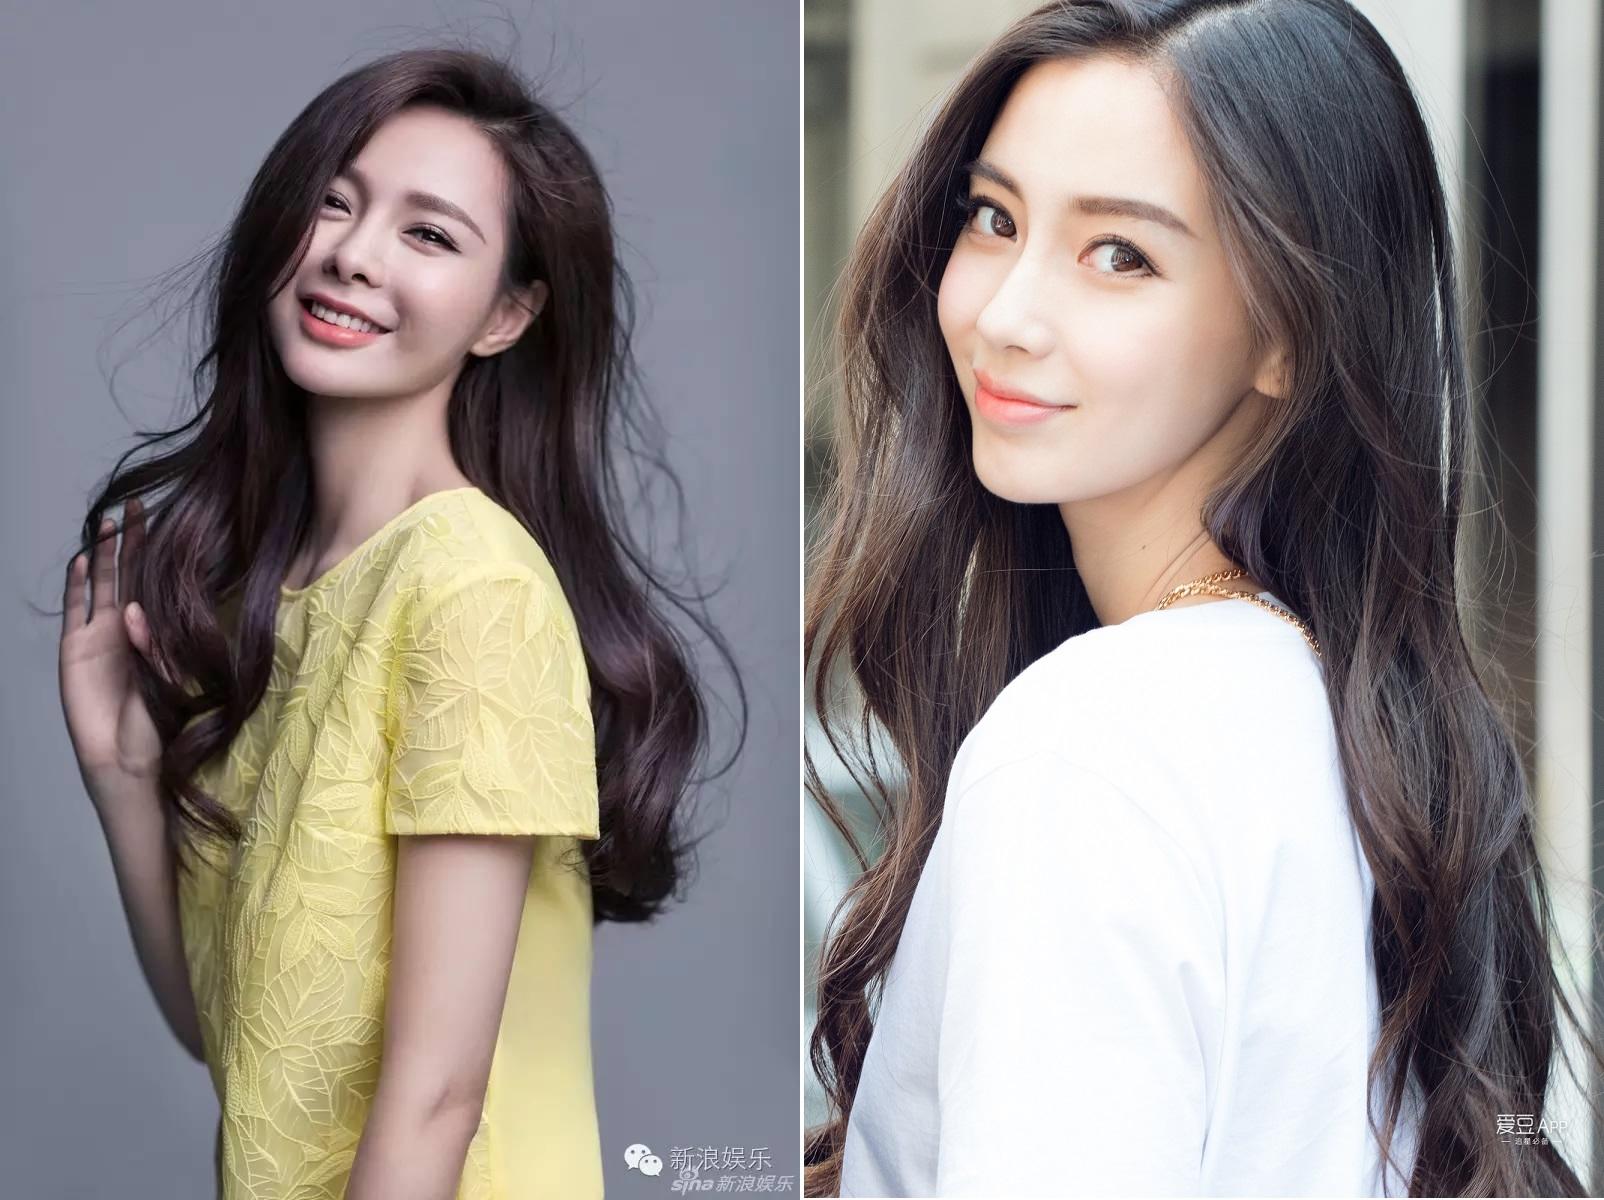 Thời Trang: Nữ diễn viên Trung Quốc vô danh gây chú ý vì thường xuyên